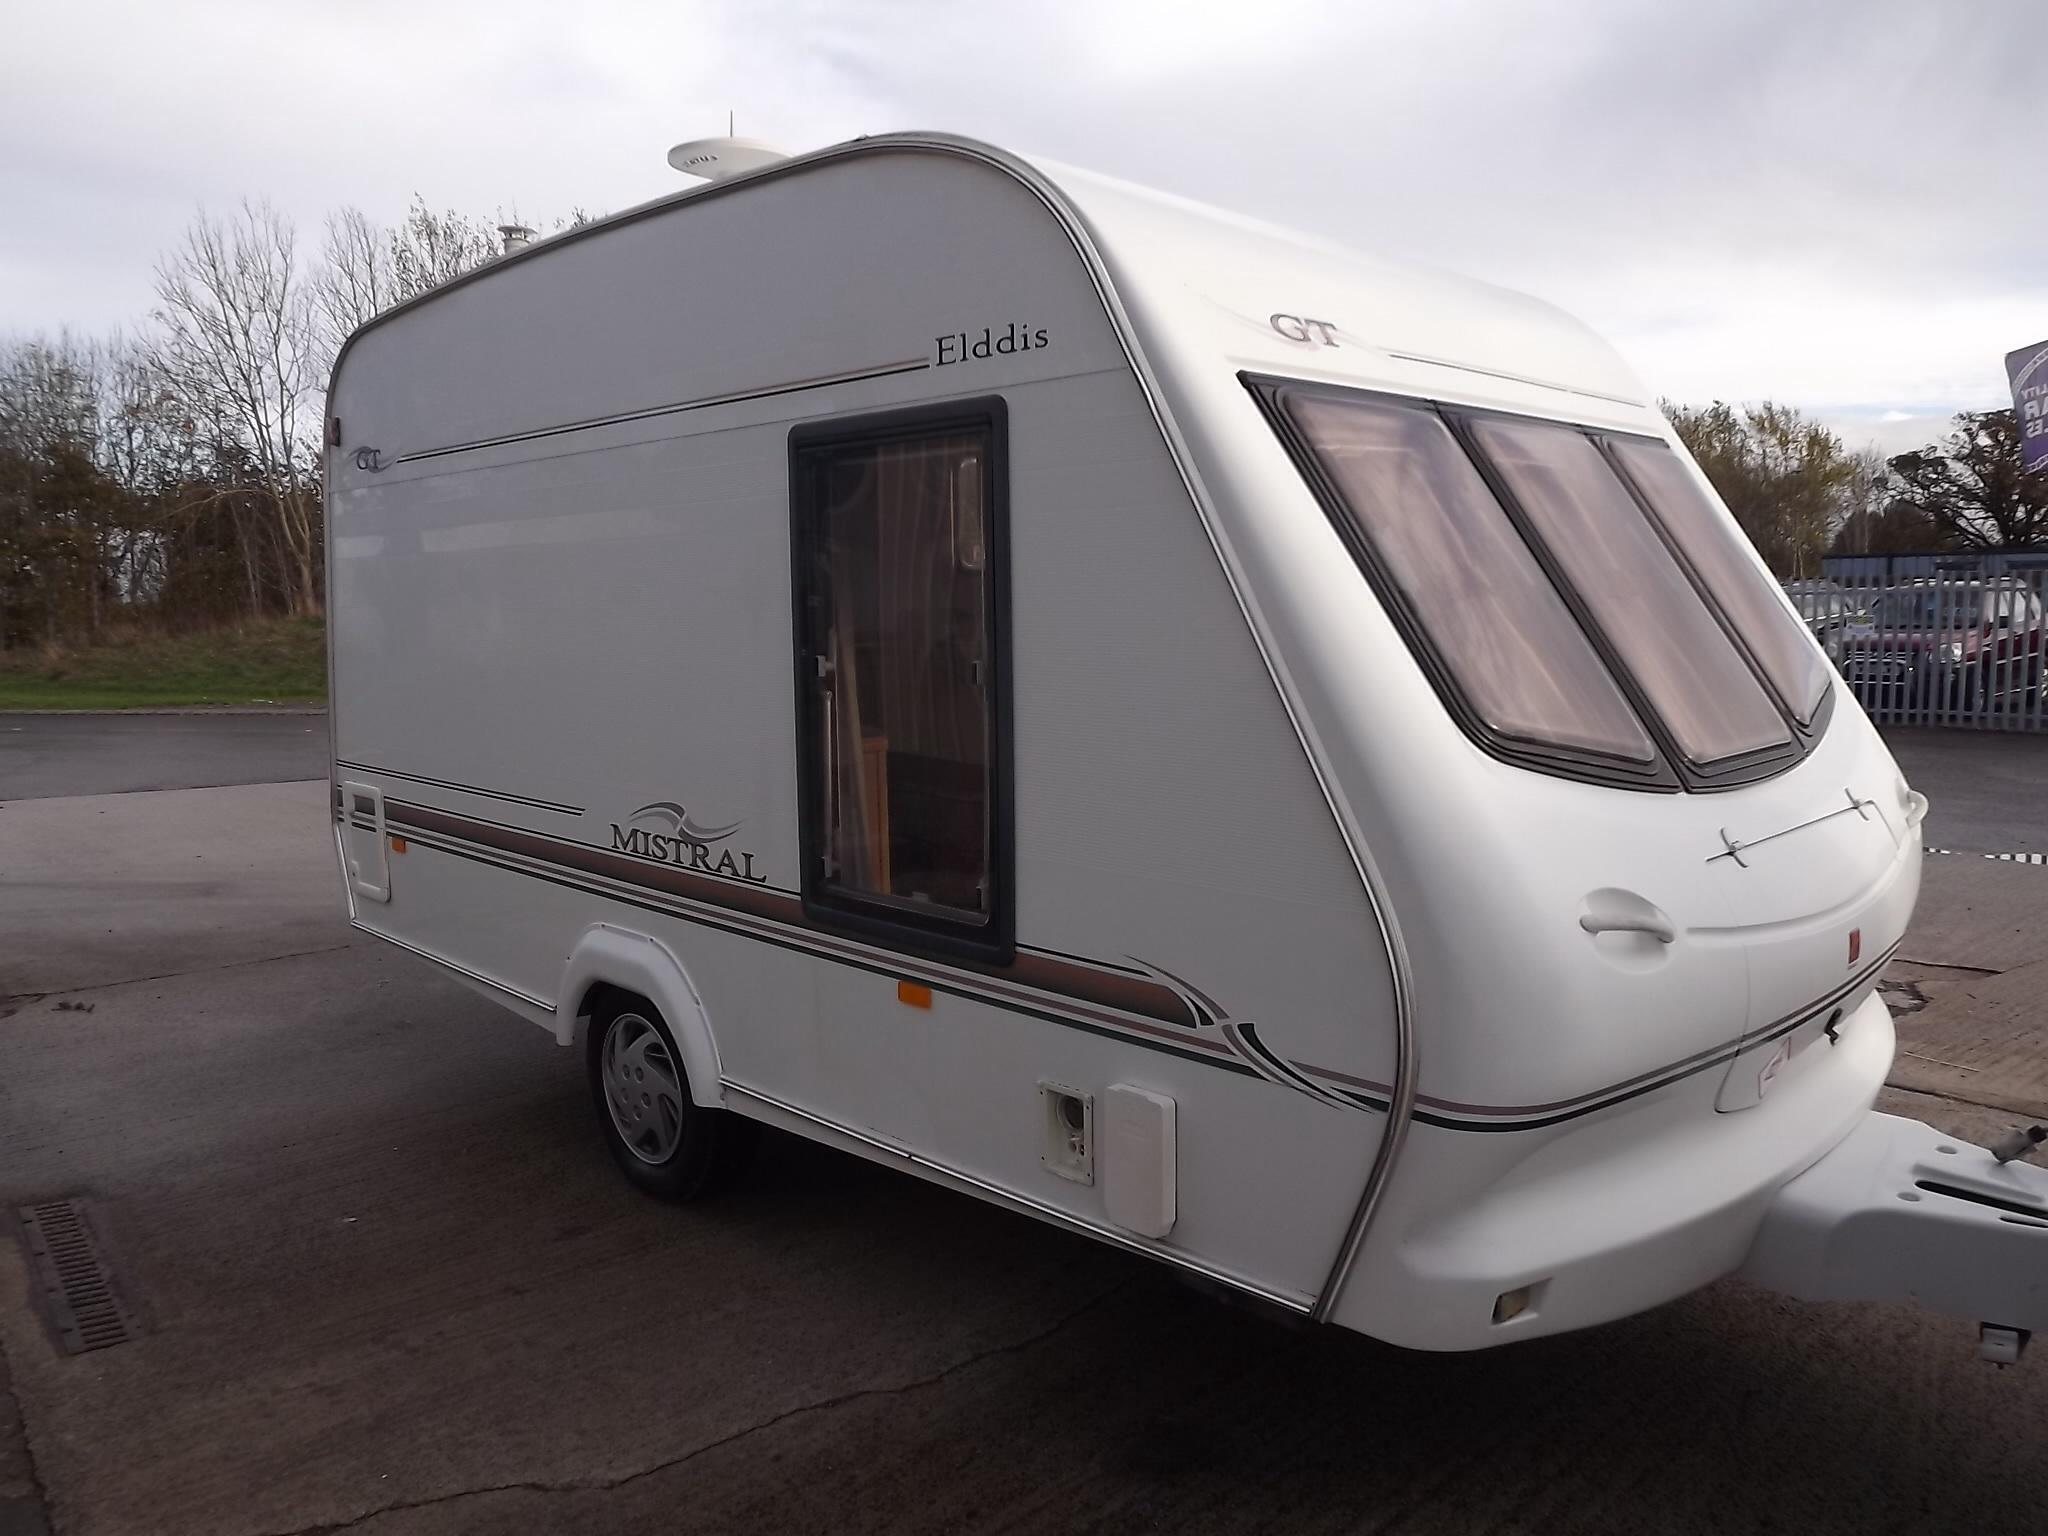 2001 Elddis Mistral Gt 2 Berth Caravan 18995 00 Quality